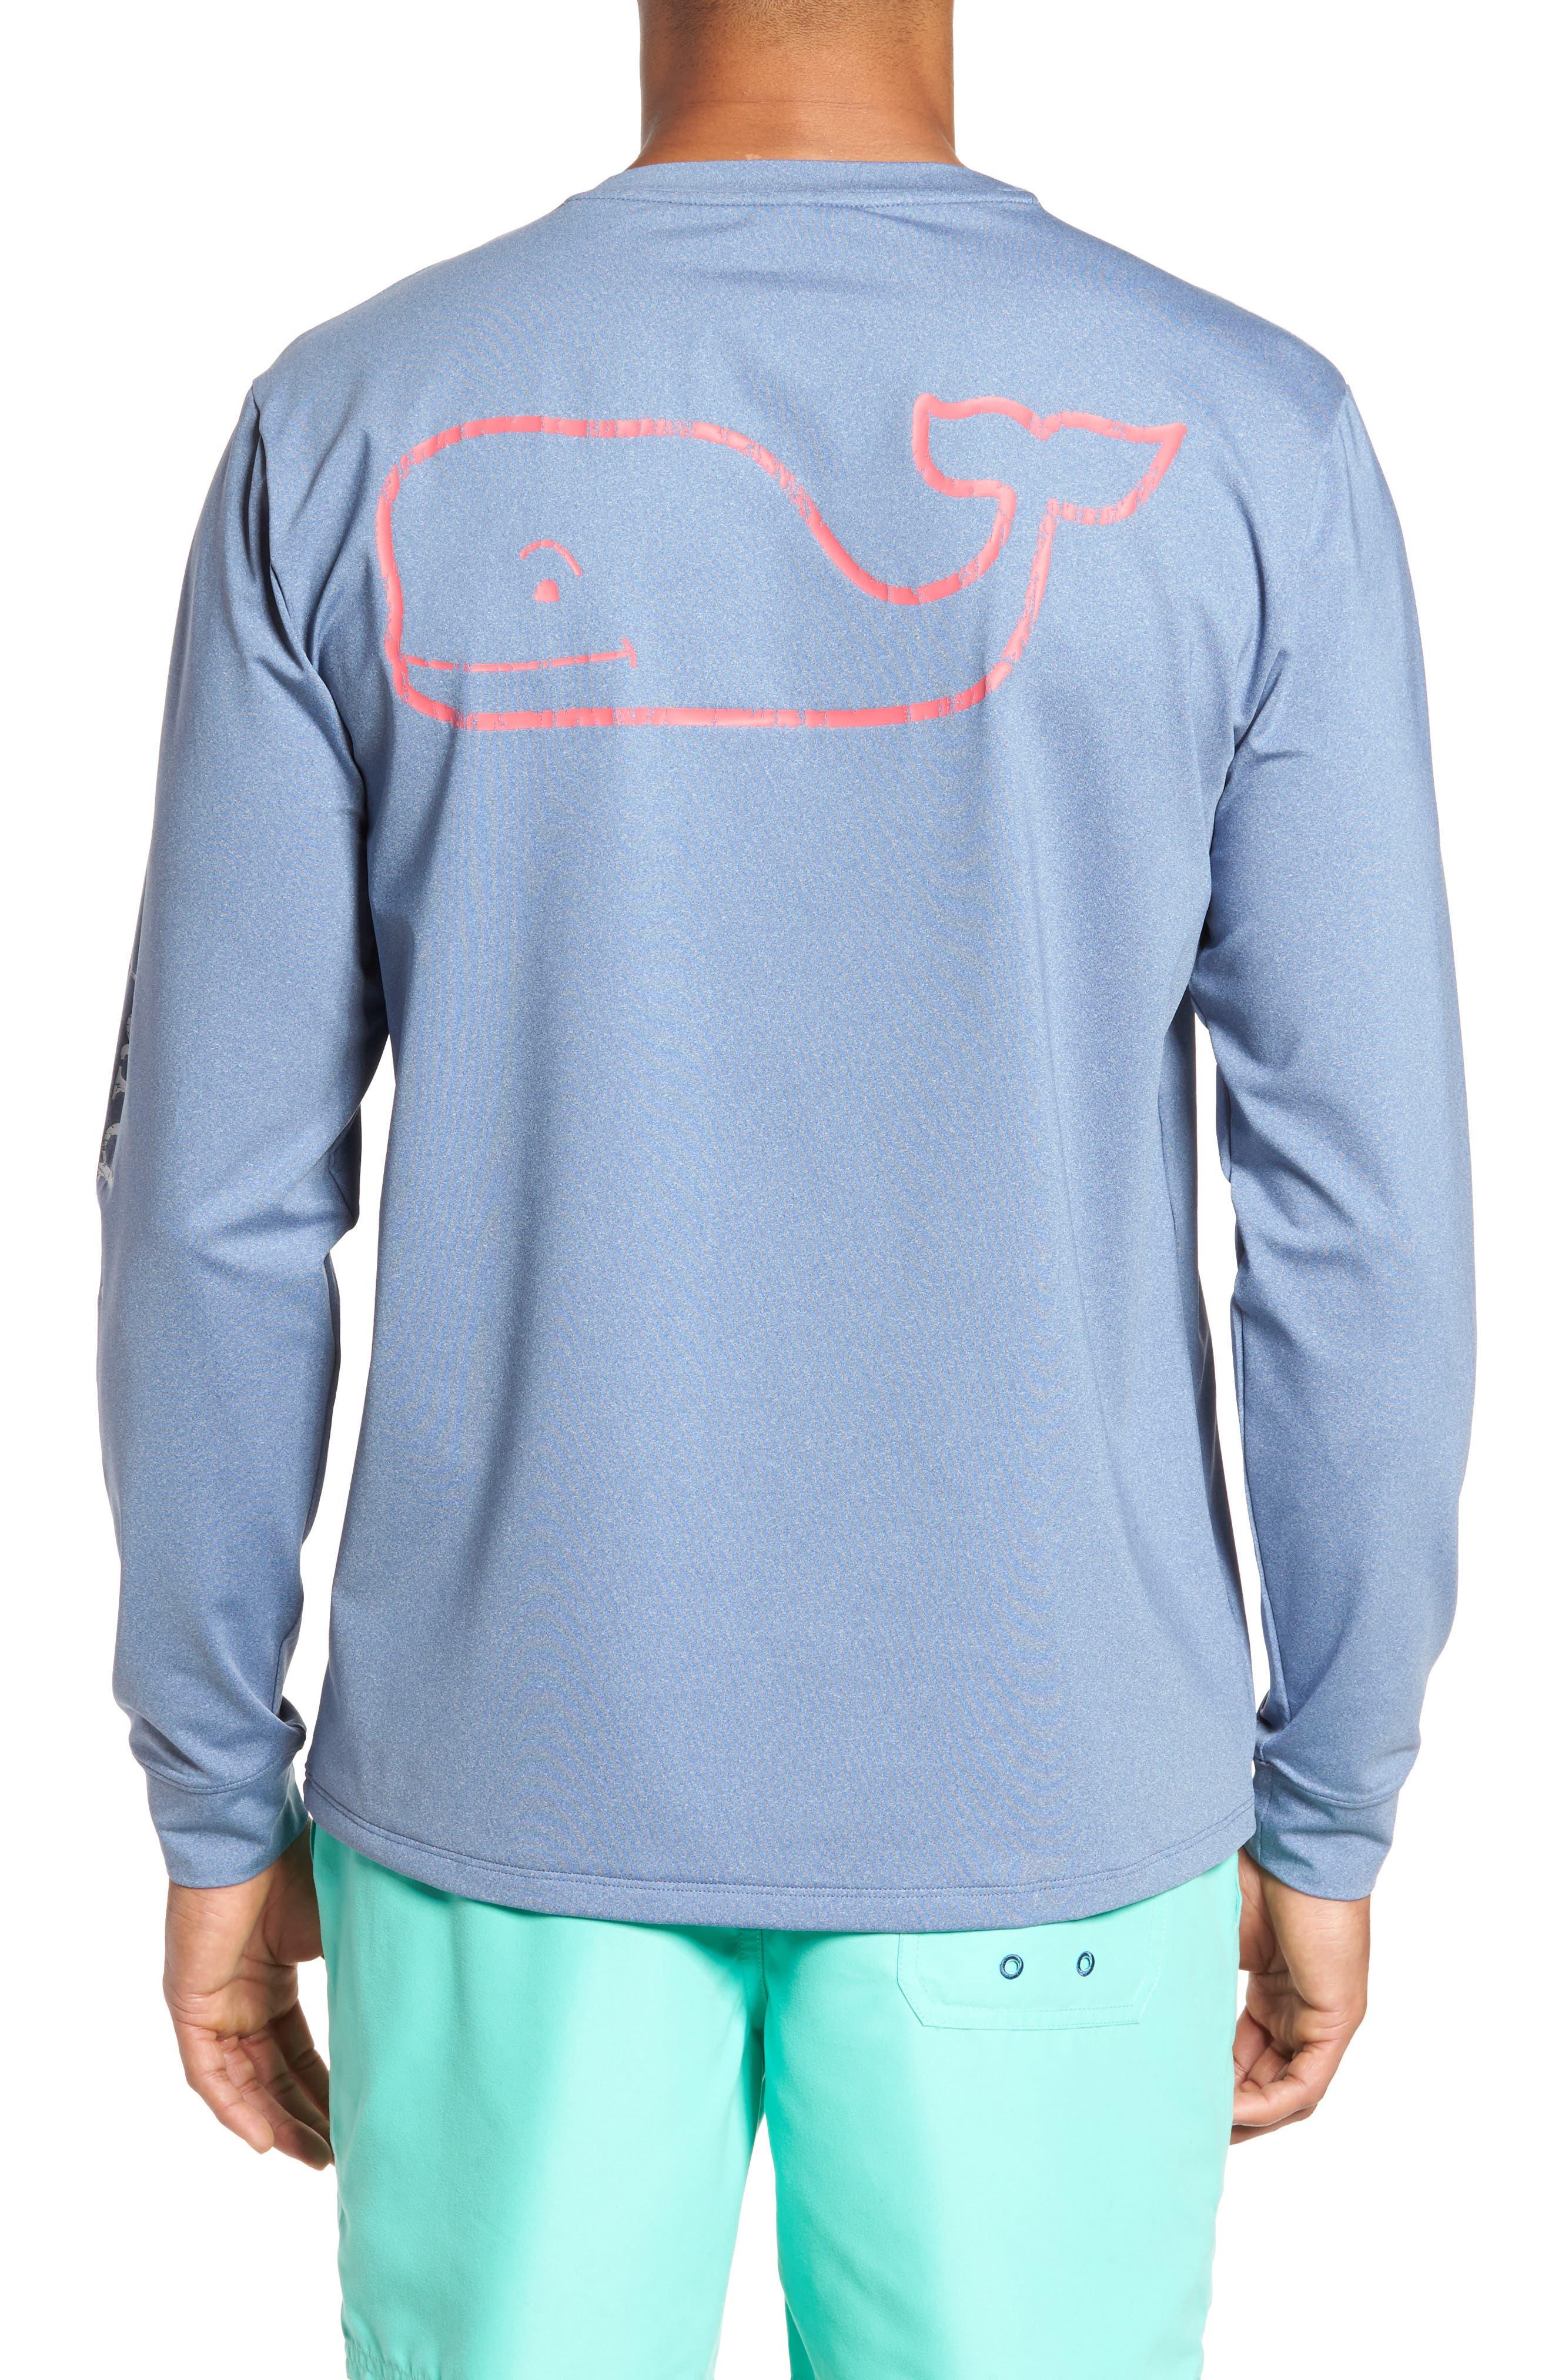 Vintage Whale Performance T-Shirt,                             Alternate thumbnail 5, color,